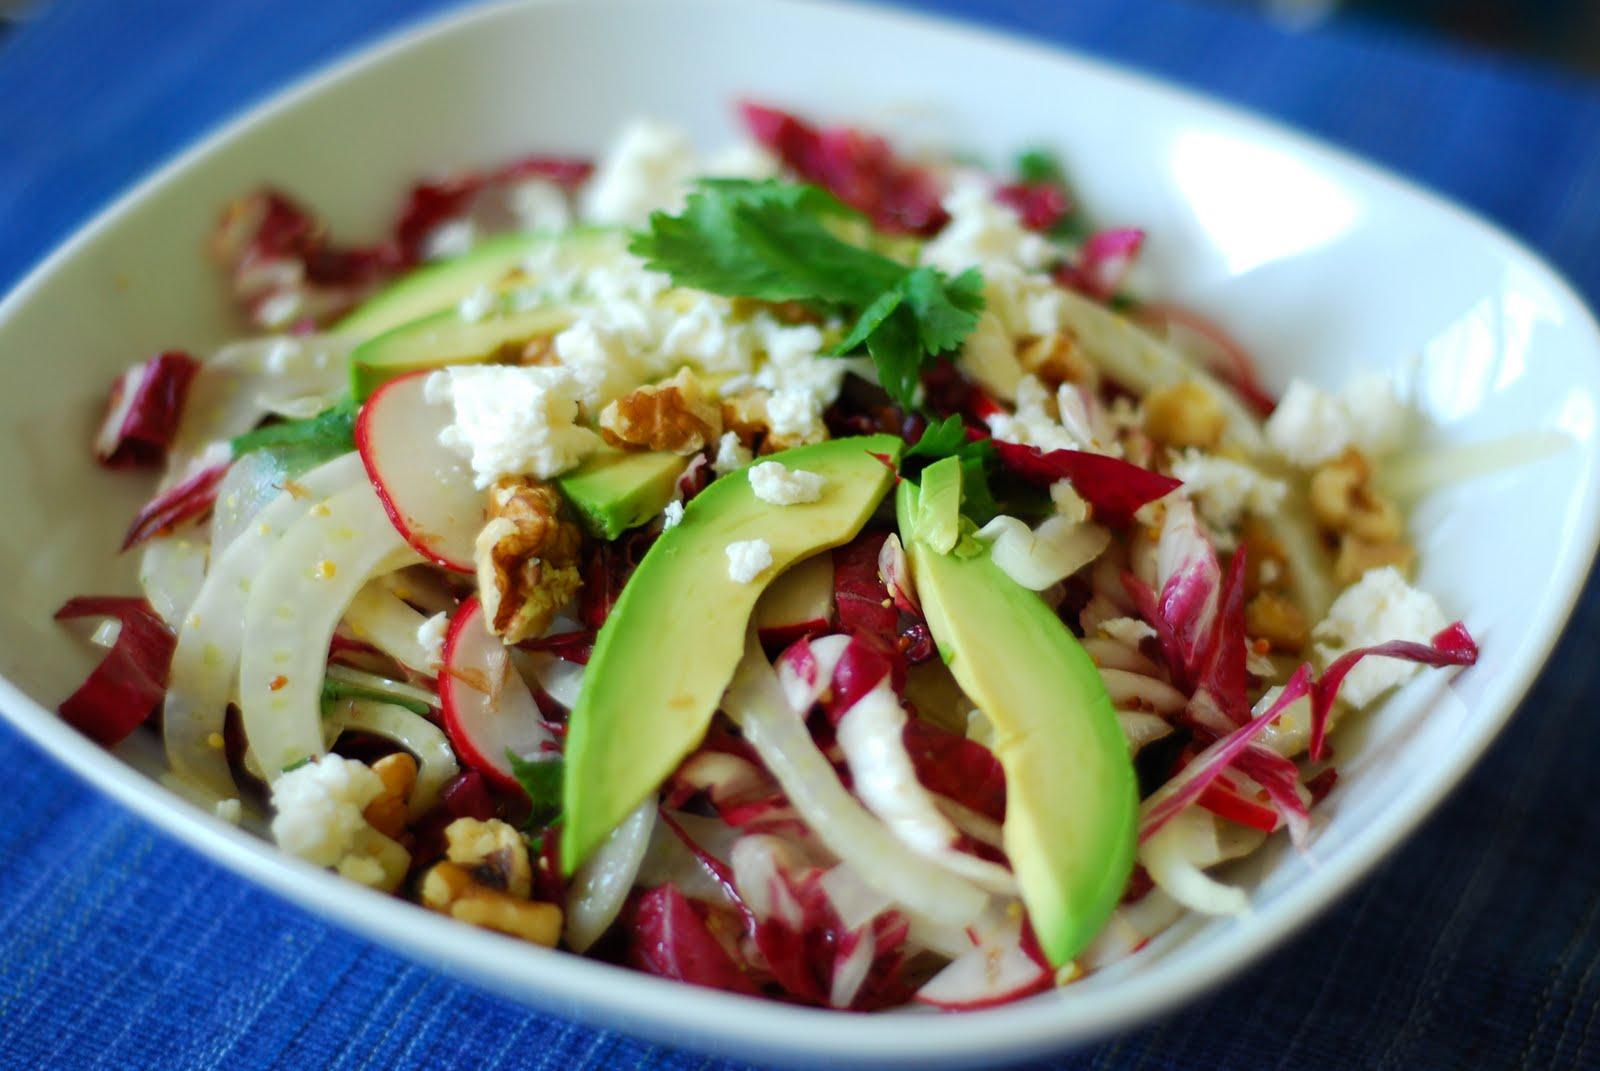 Le granola pic salade de fenouil radis et radicchio - Quand cueillir les radis ...